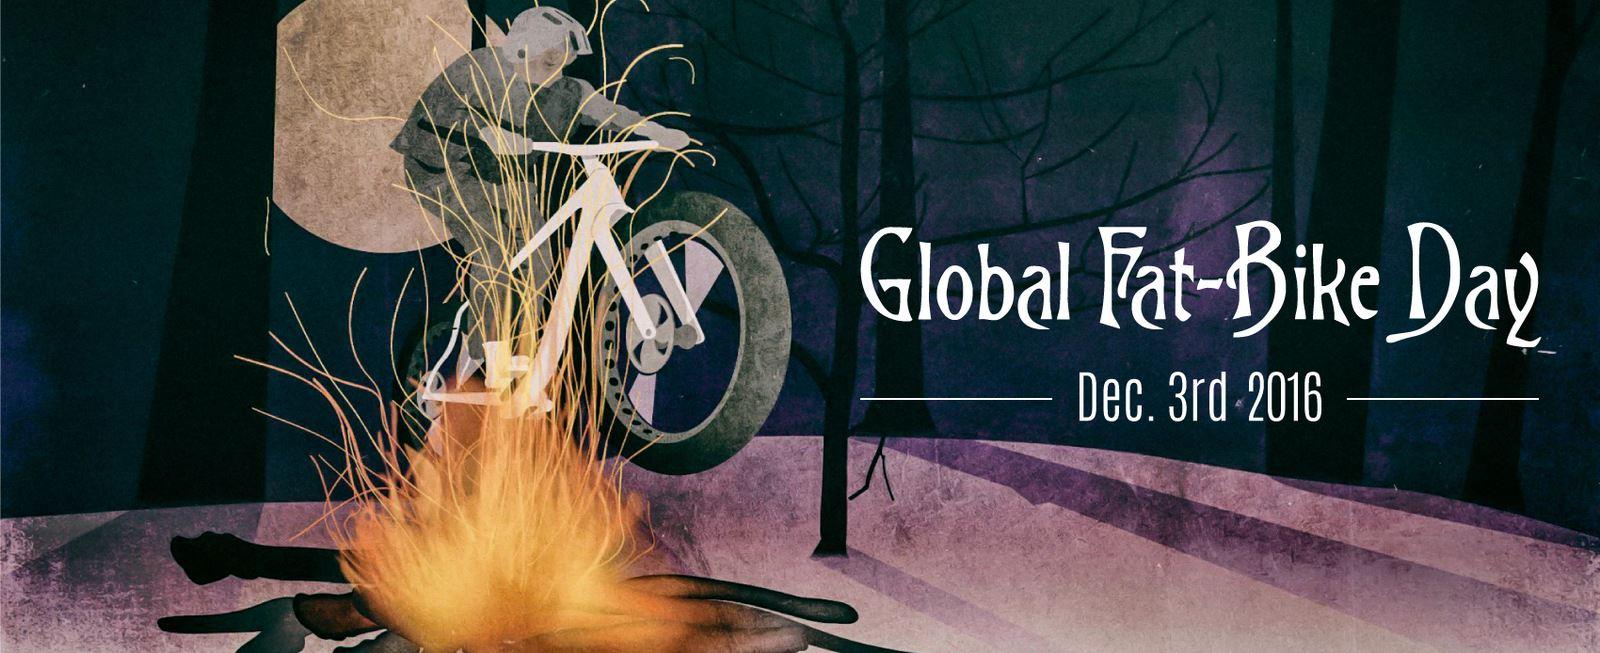 global-fatbike-day